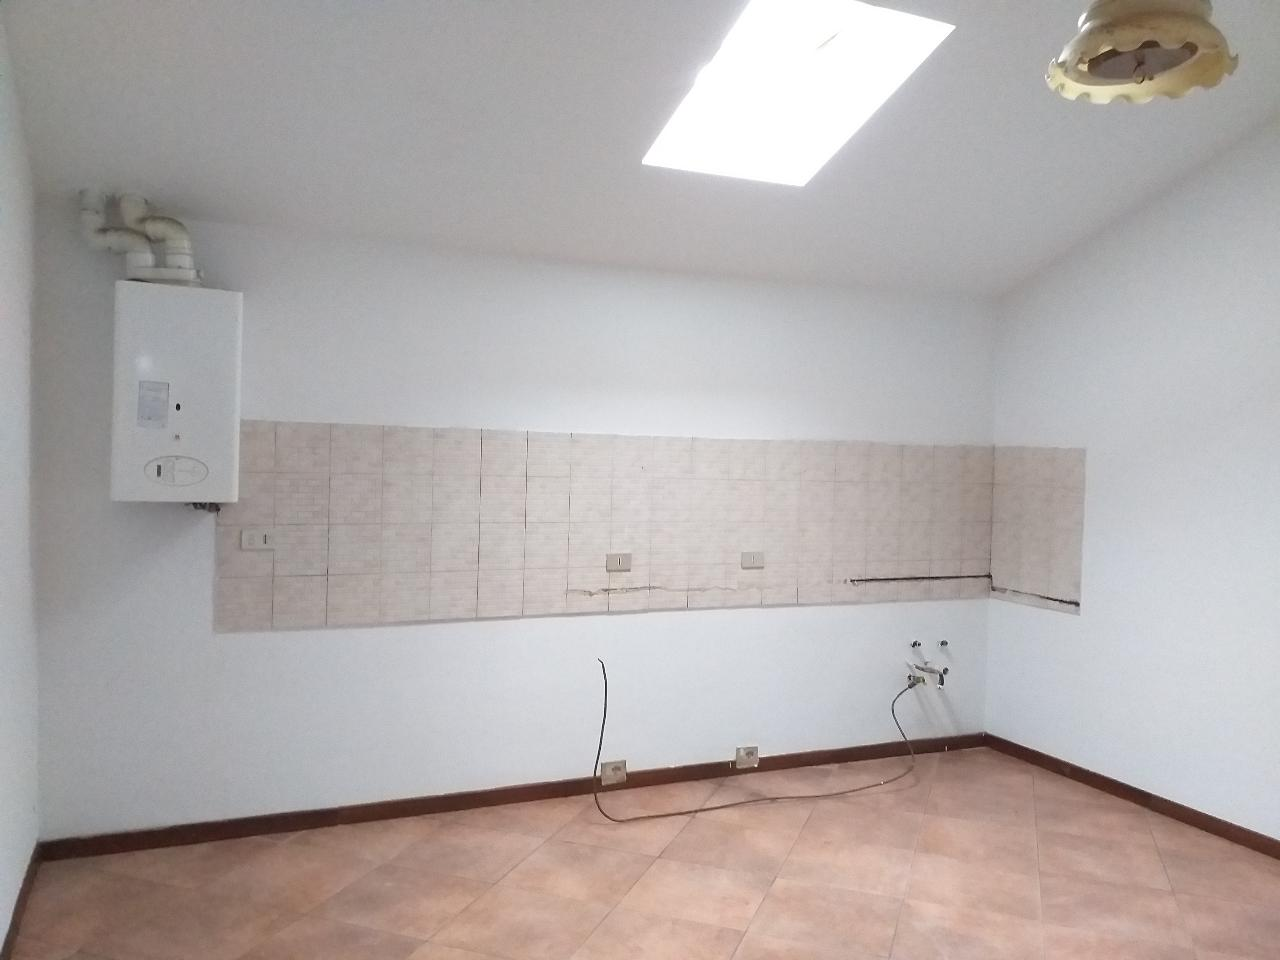 Appartamento CREMONA Euro 29.000,00